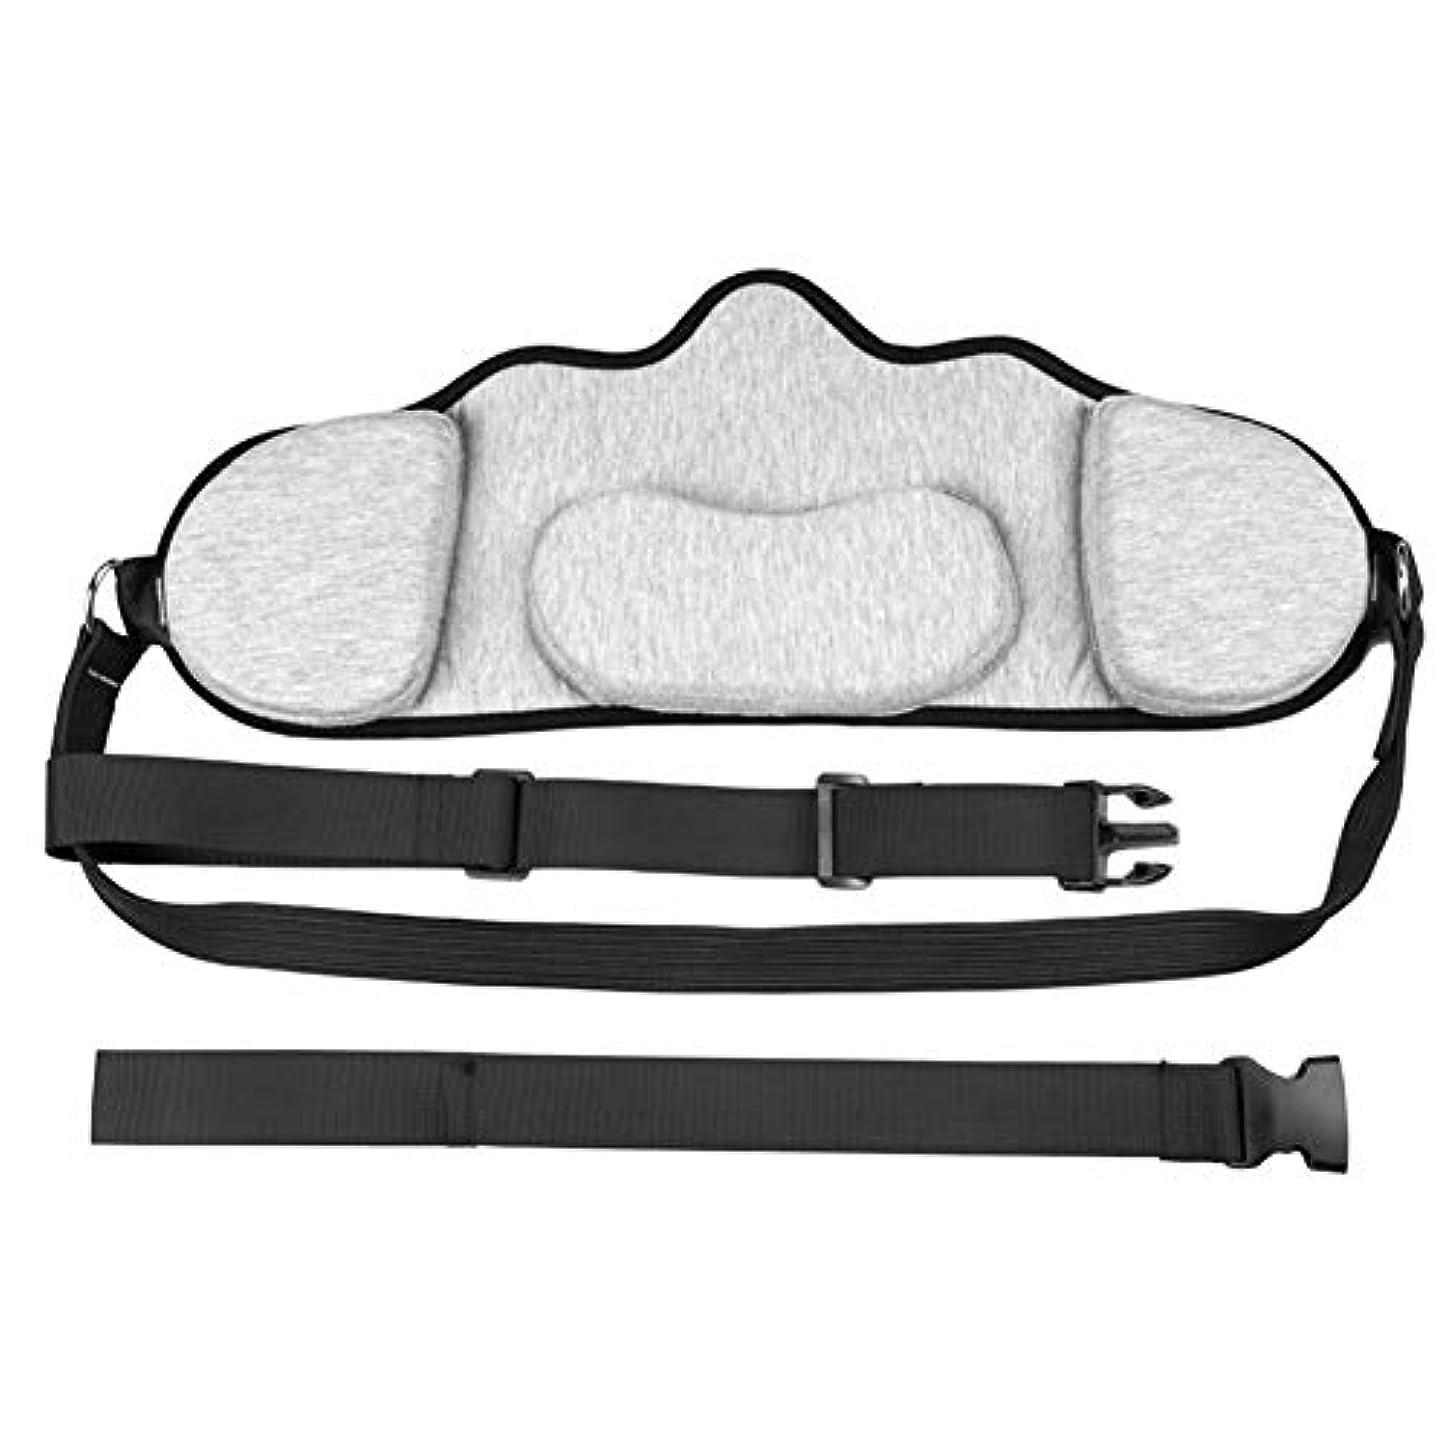 着る平和すき2パック耐久性のあるポータブル首牽引&リラクゼーションハンモック、オフィスワーカーのドライバーのためのセルフマッサージャーと肩の痛みサポーターを持つ人はリラックスデバイス